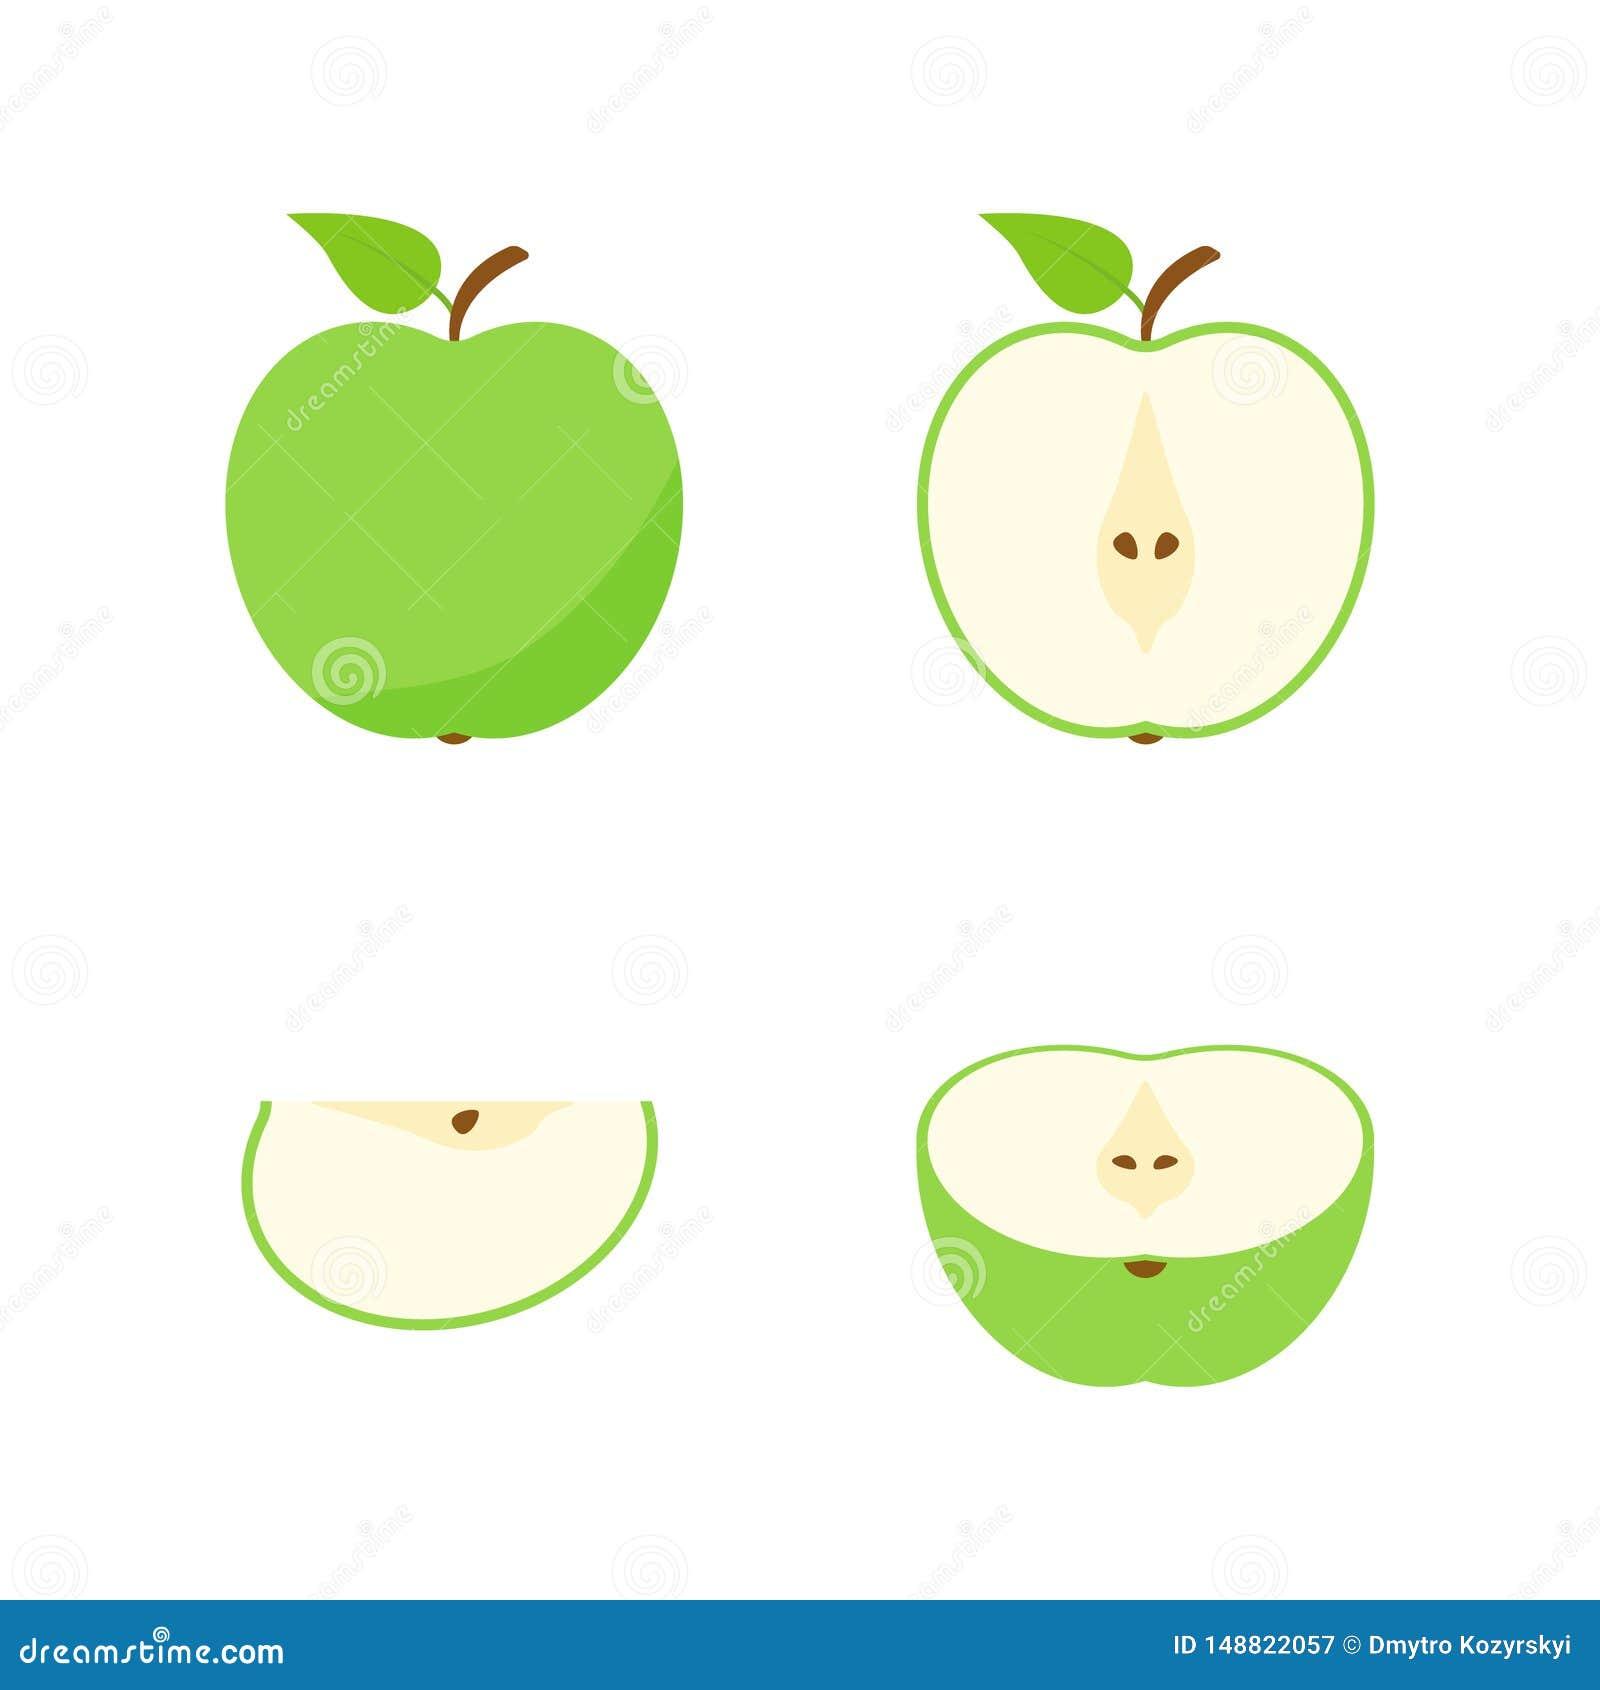 设置果子和莓果 夏天果子 果子苹果,梨,草莓,桔子,桃子,李子,香蕉,西瓜,菠萝猕猴桃